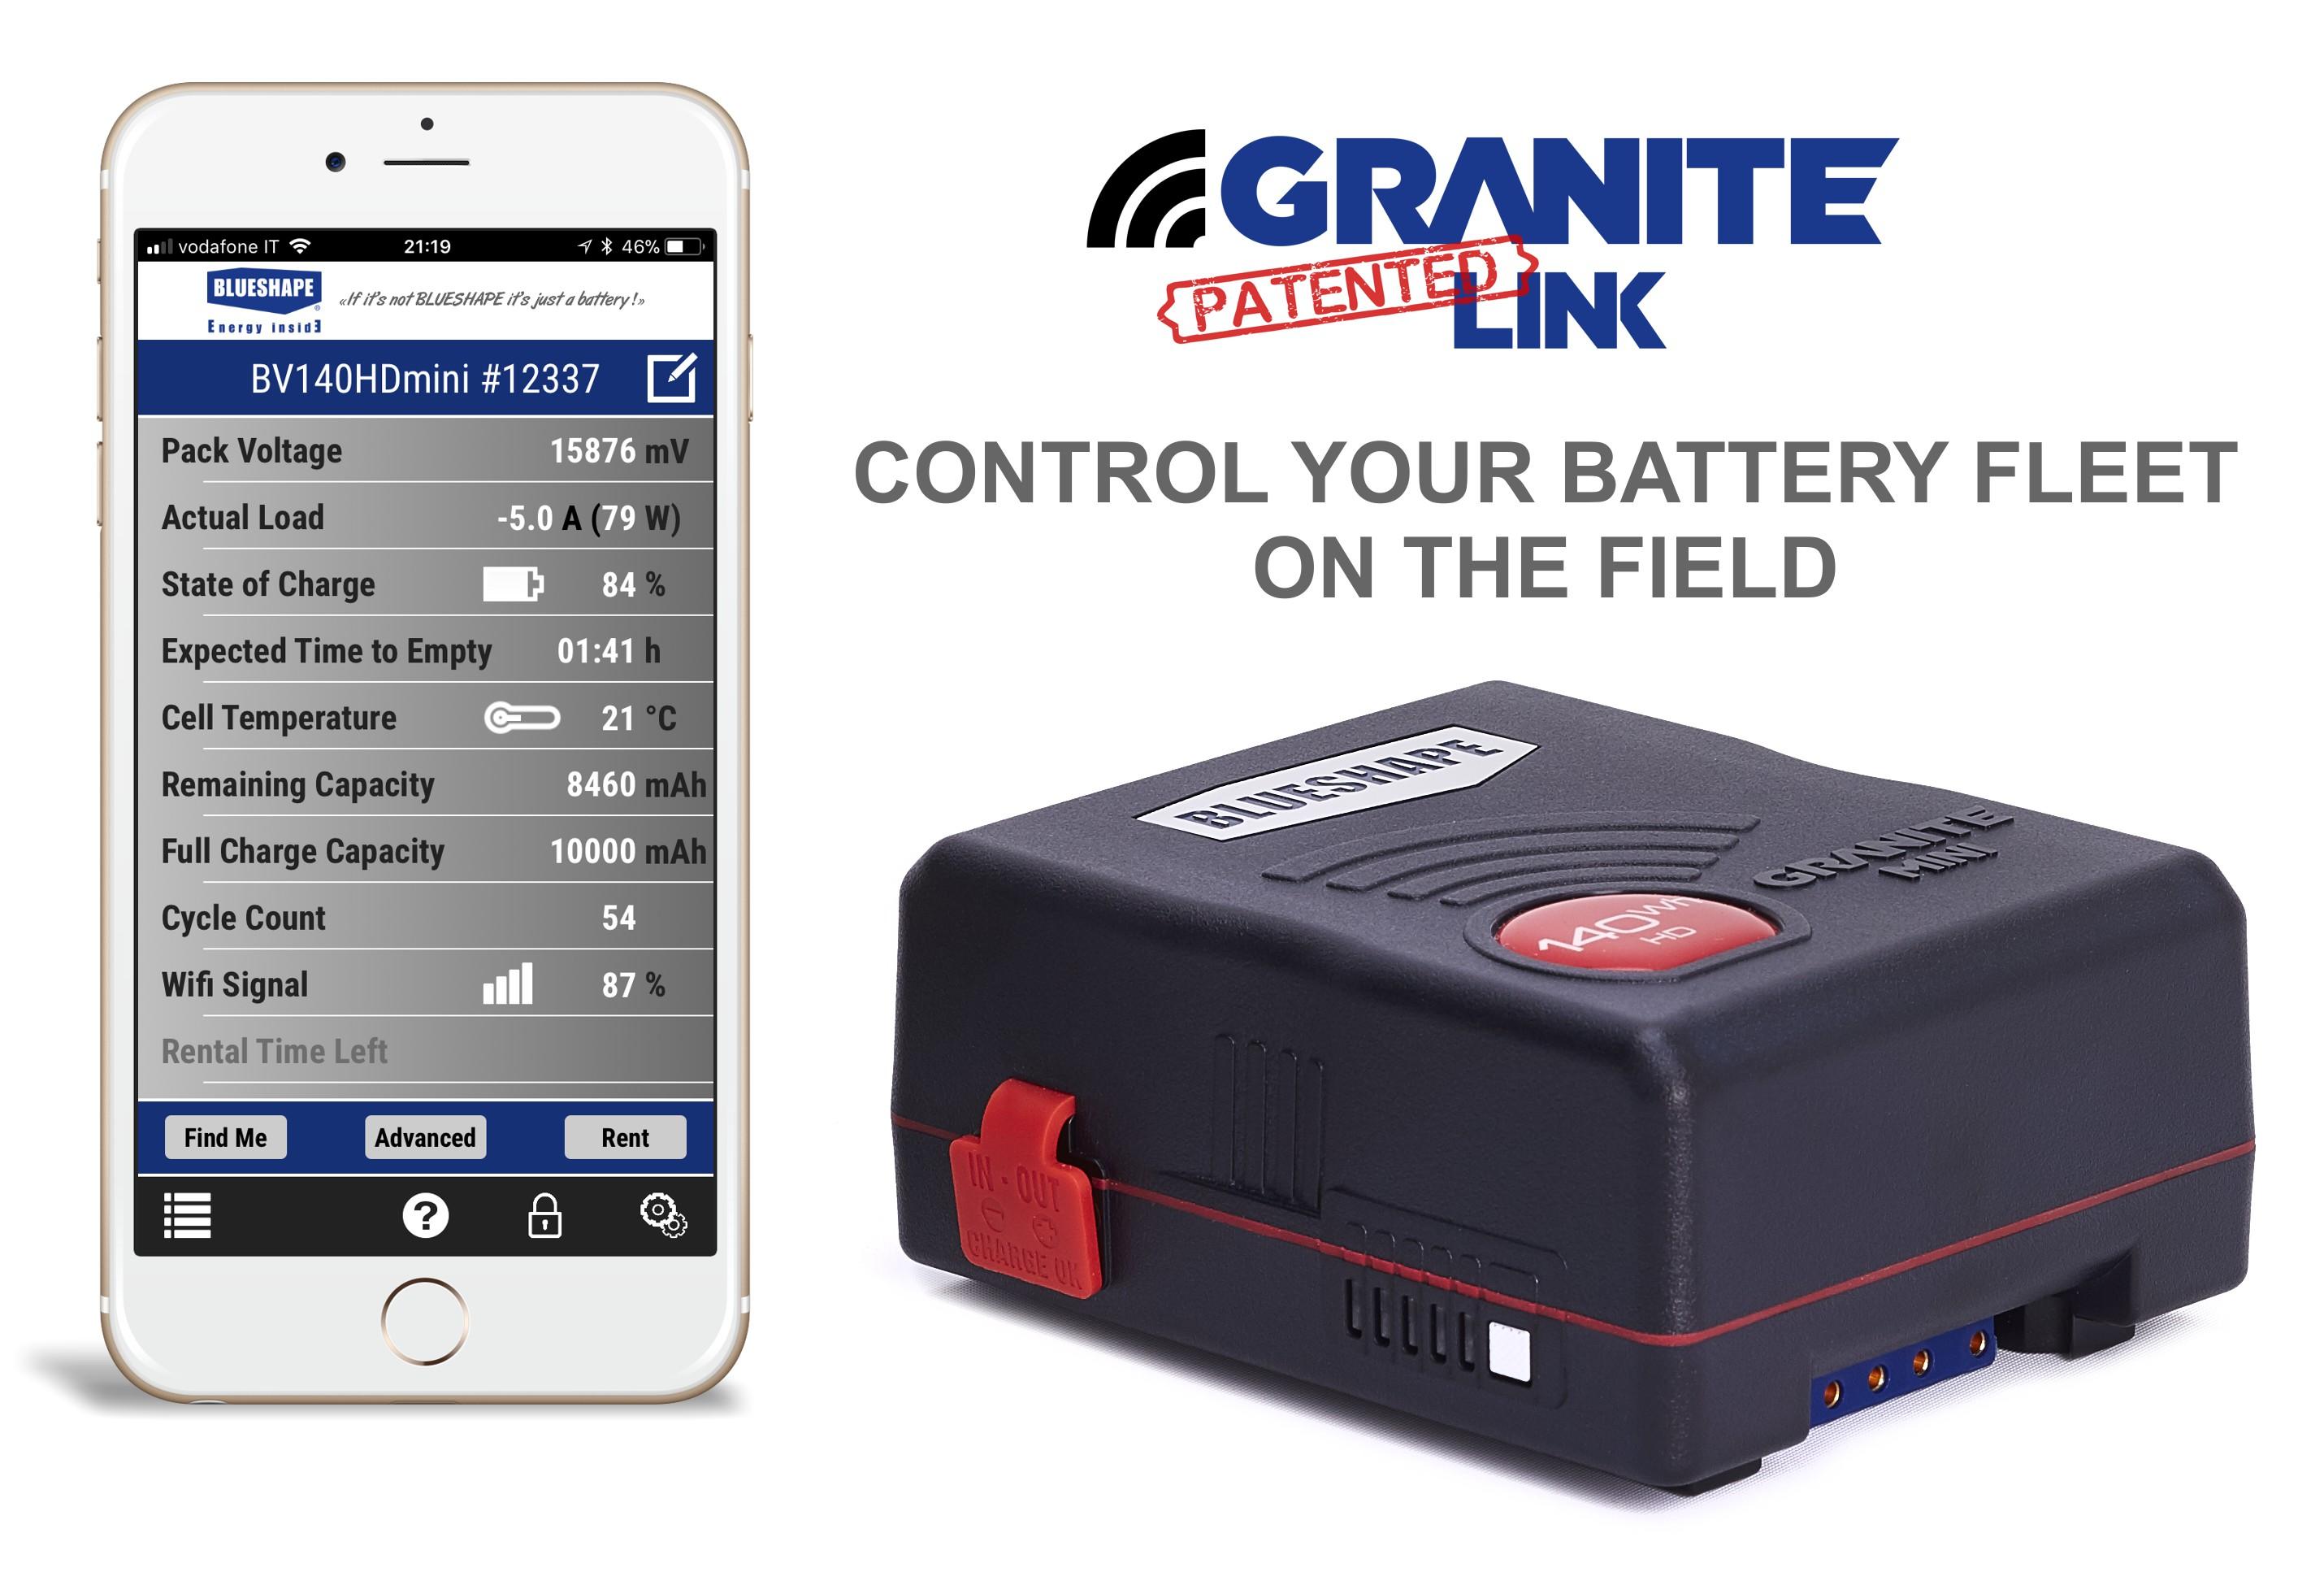 Introducing Granite Link